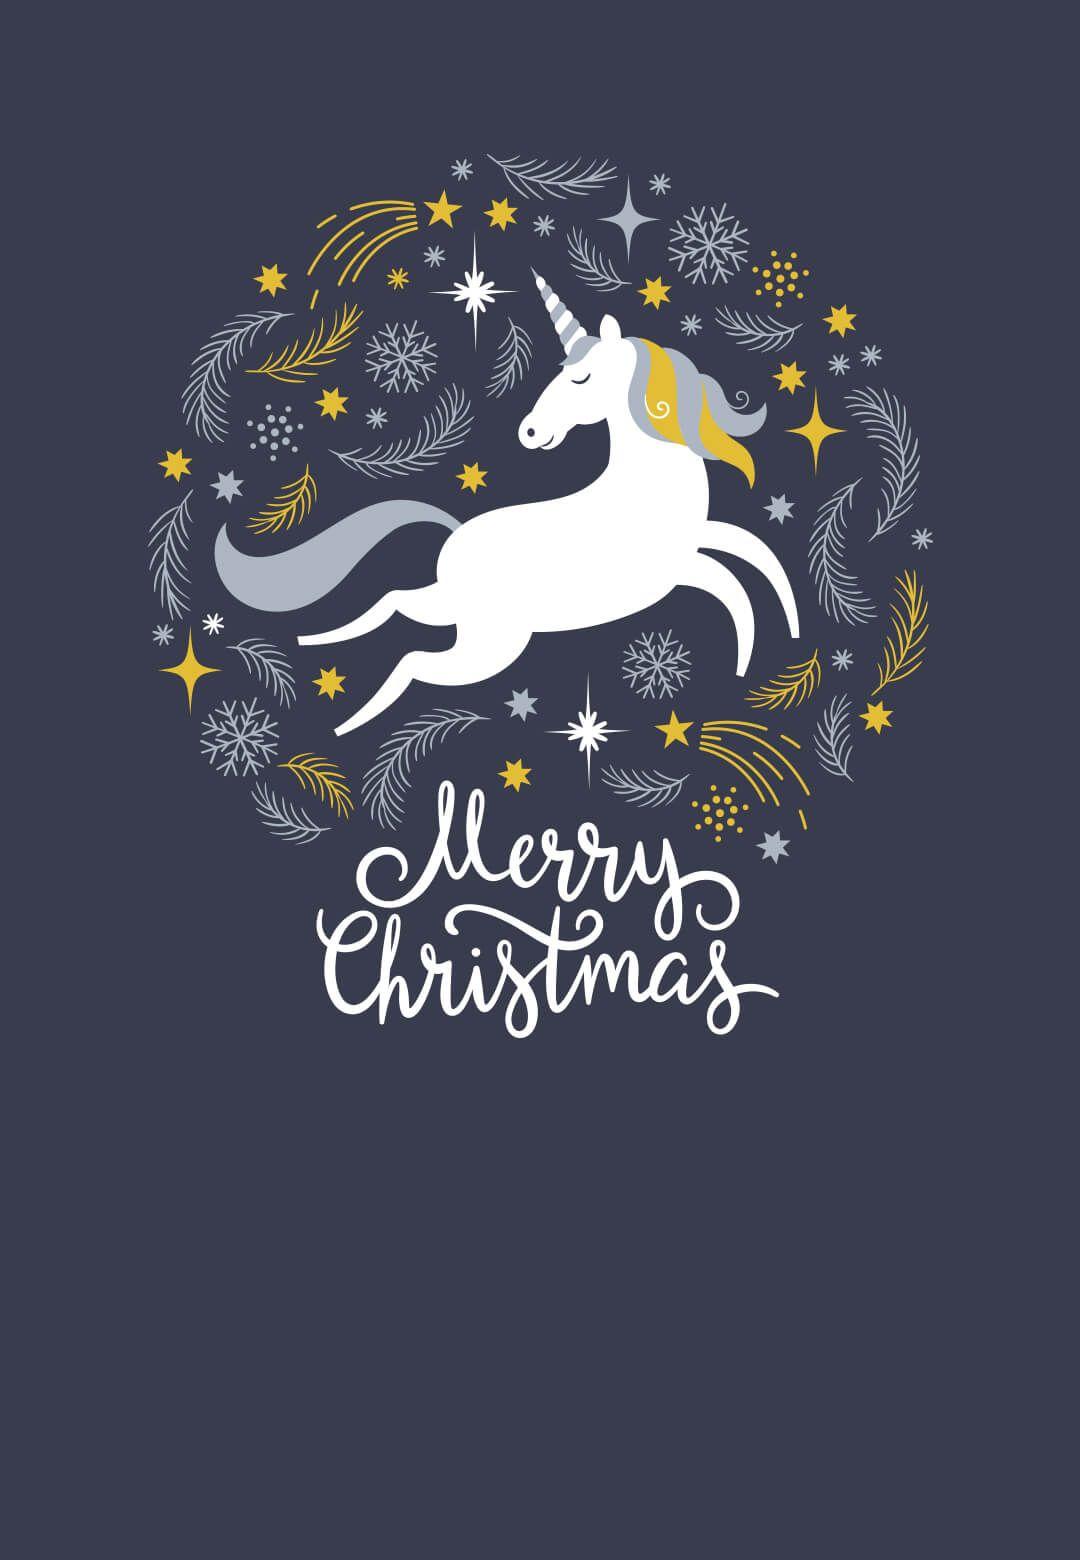 Christmas Unicorn Free Printable Christmas Invitation Template Greetings Island Christmas Unicorn Christmas Invitations Template Free Christmas Printables